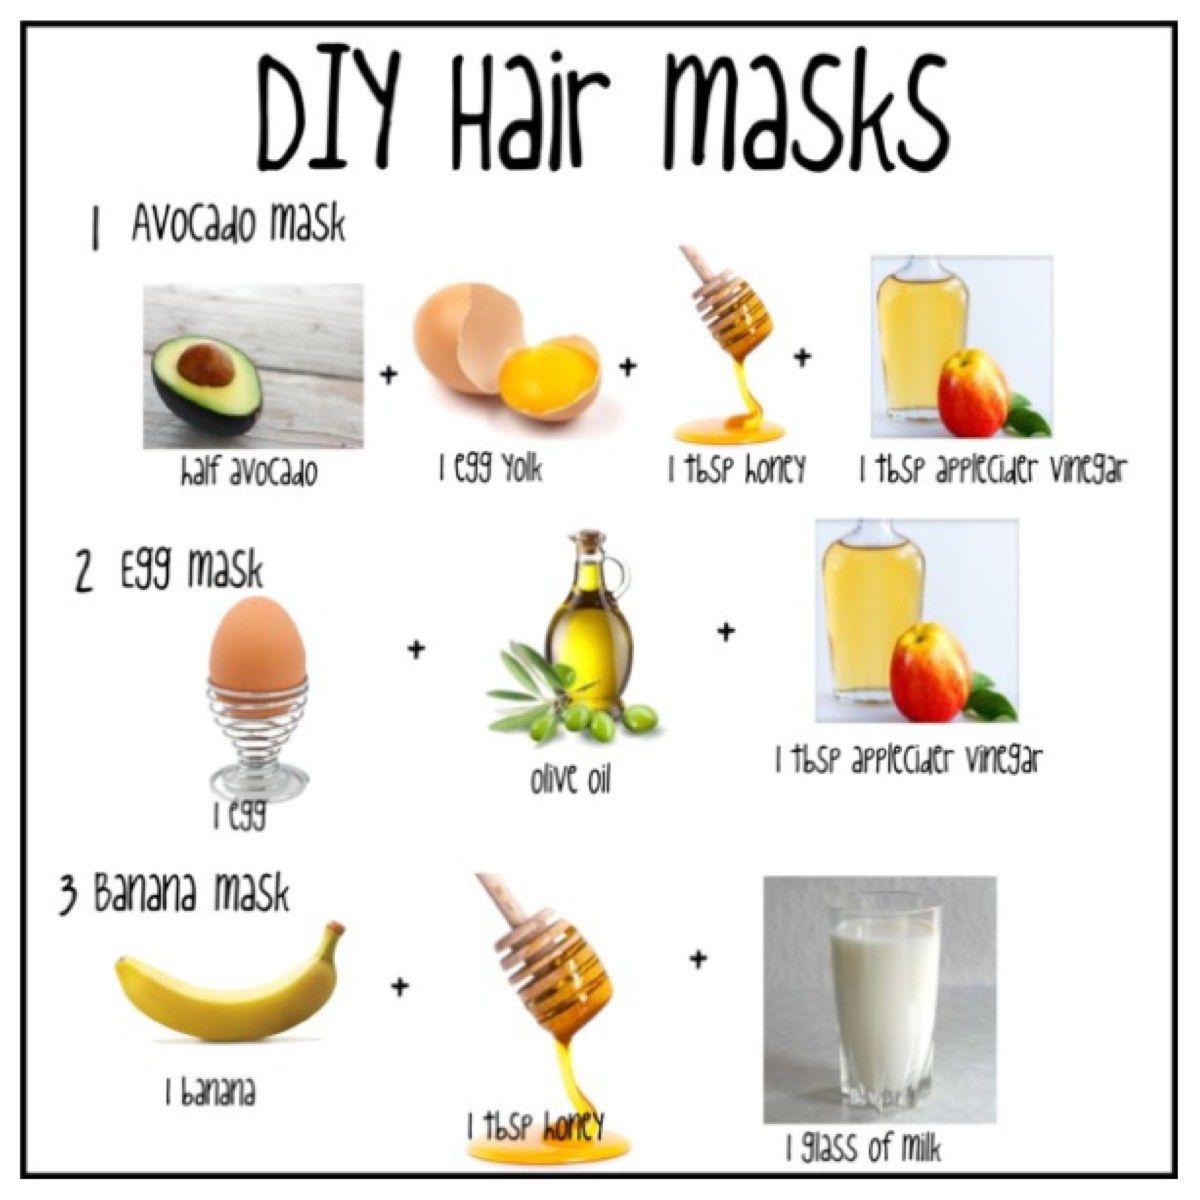 16 hair Mask diy ideas